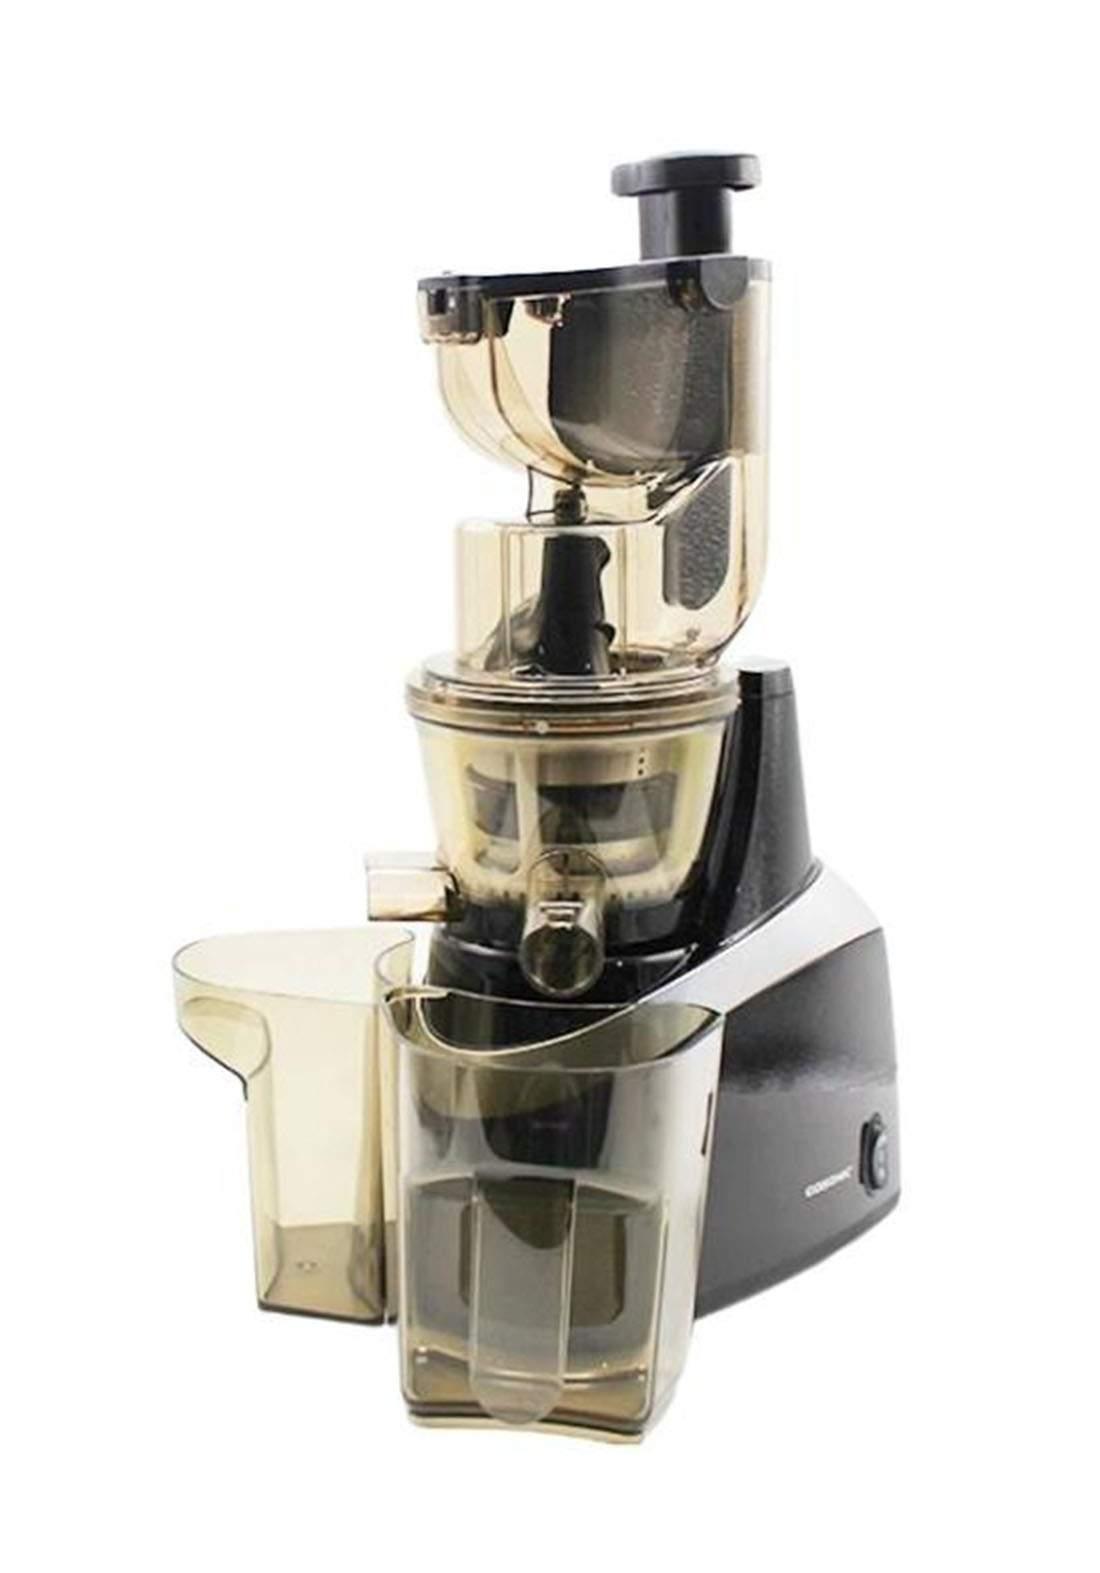 Gosonic GSJ1240 Slow Juicer عصارة